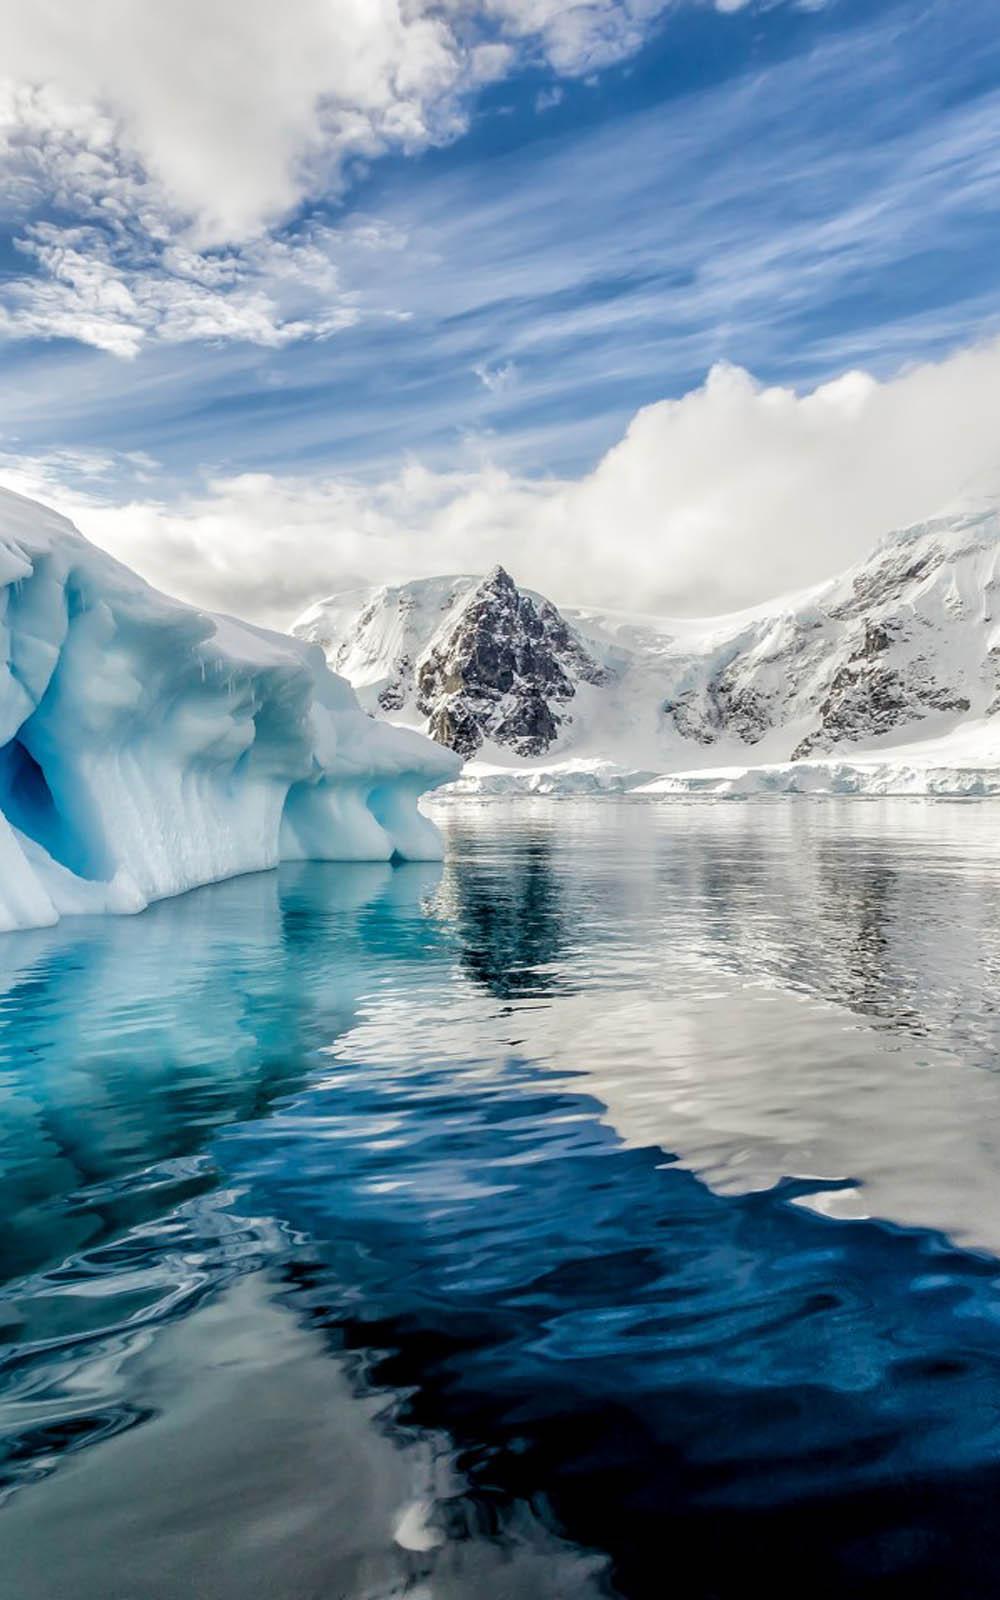 Antarctica Iceberg Ocean Free 4K Ultra HD Mobile Wallpaper